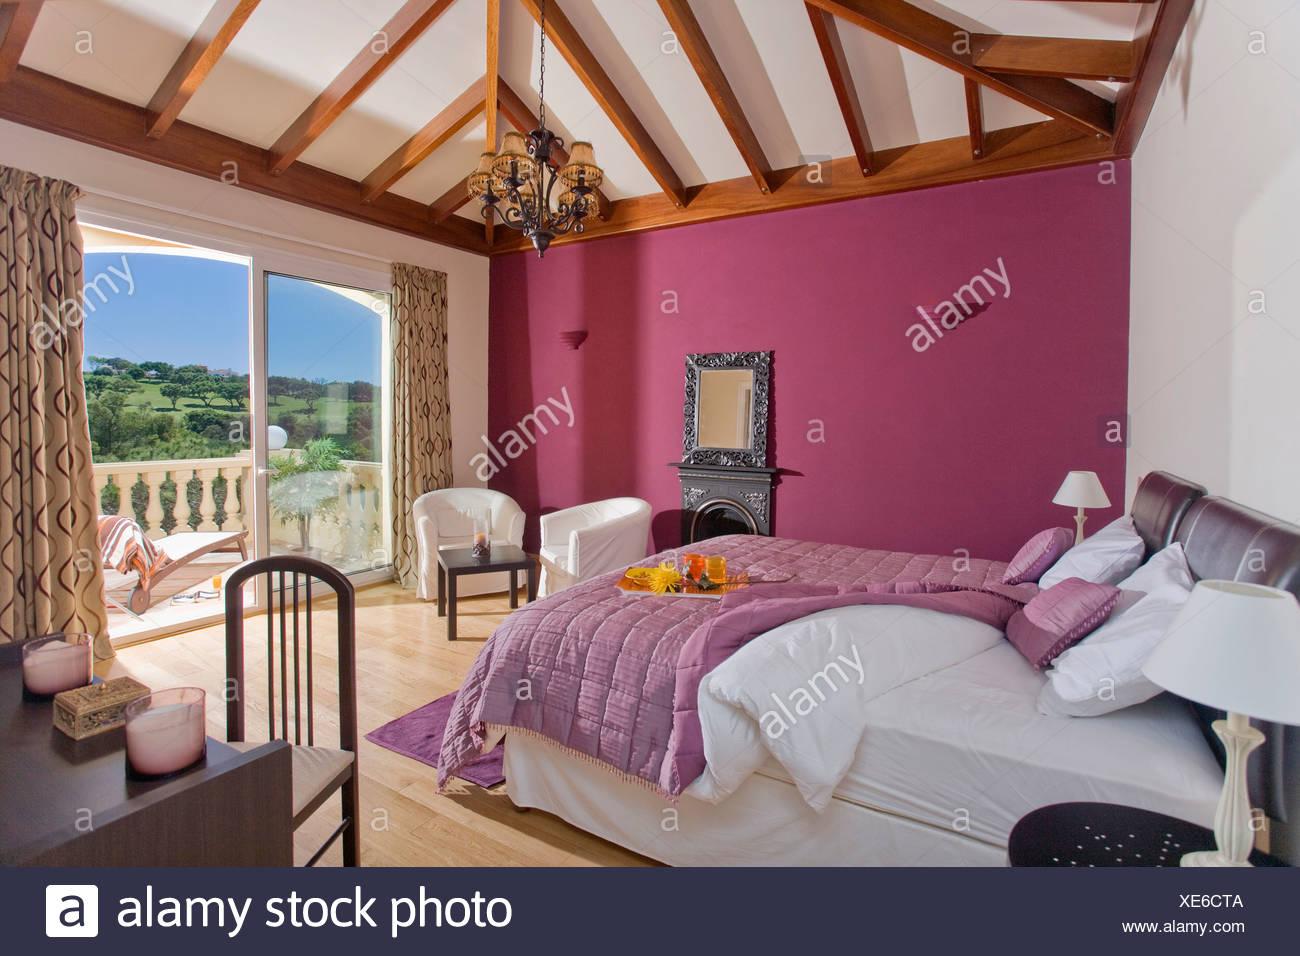 Camera Da Letto Rosa E Viola : Viola la trapunta e biancheria da letto bianca sul letto in camera